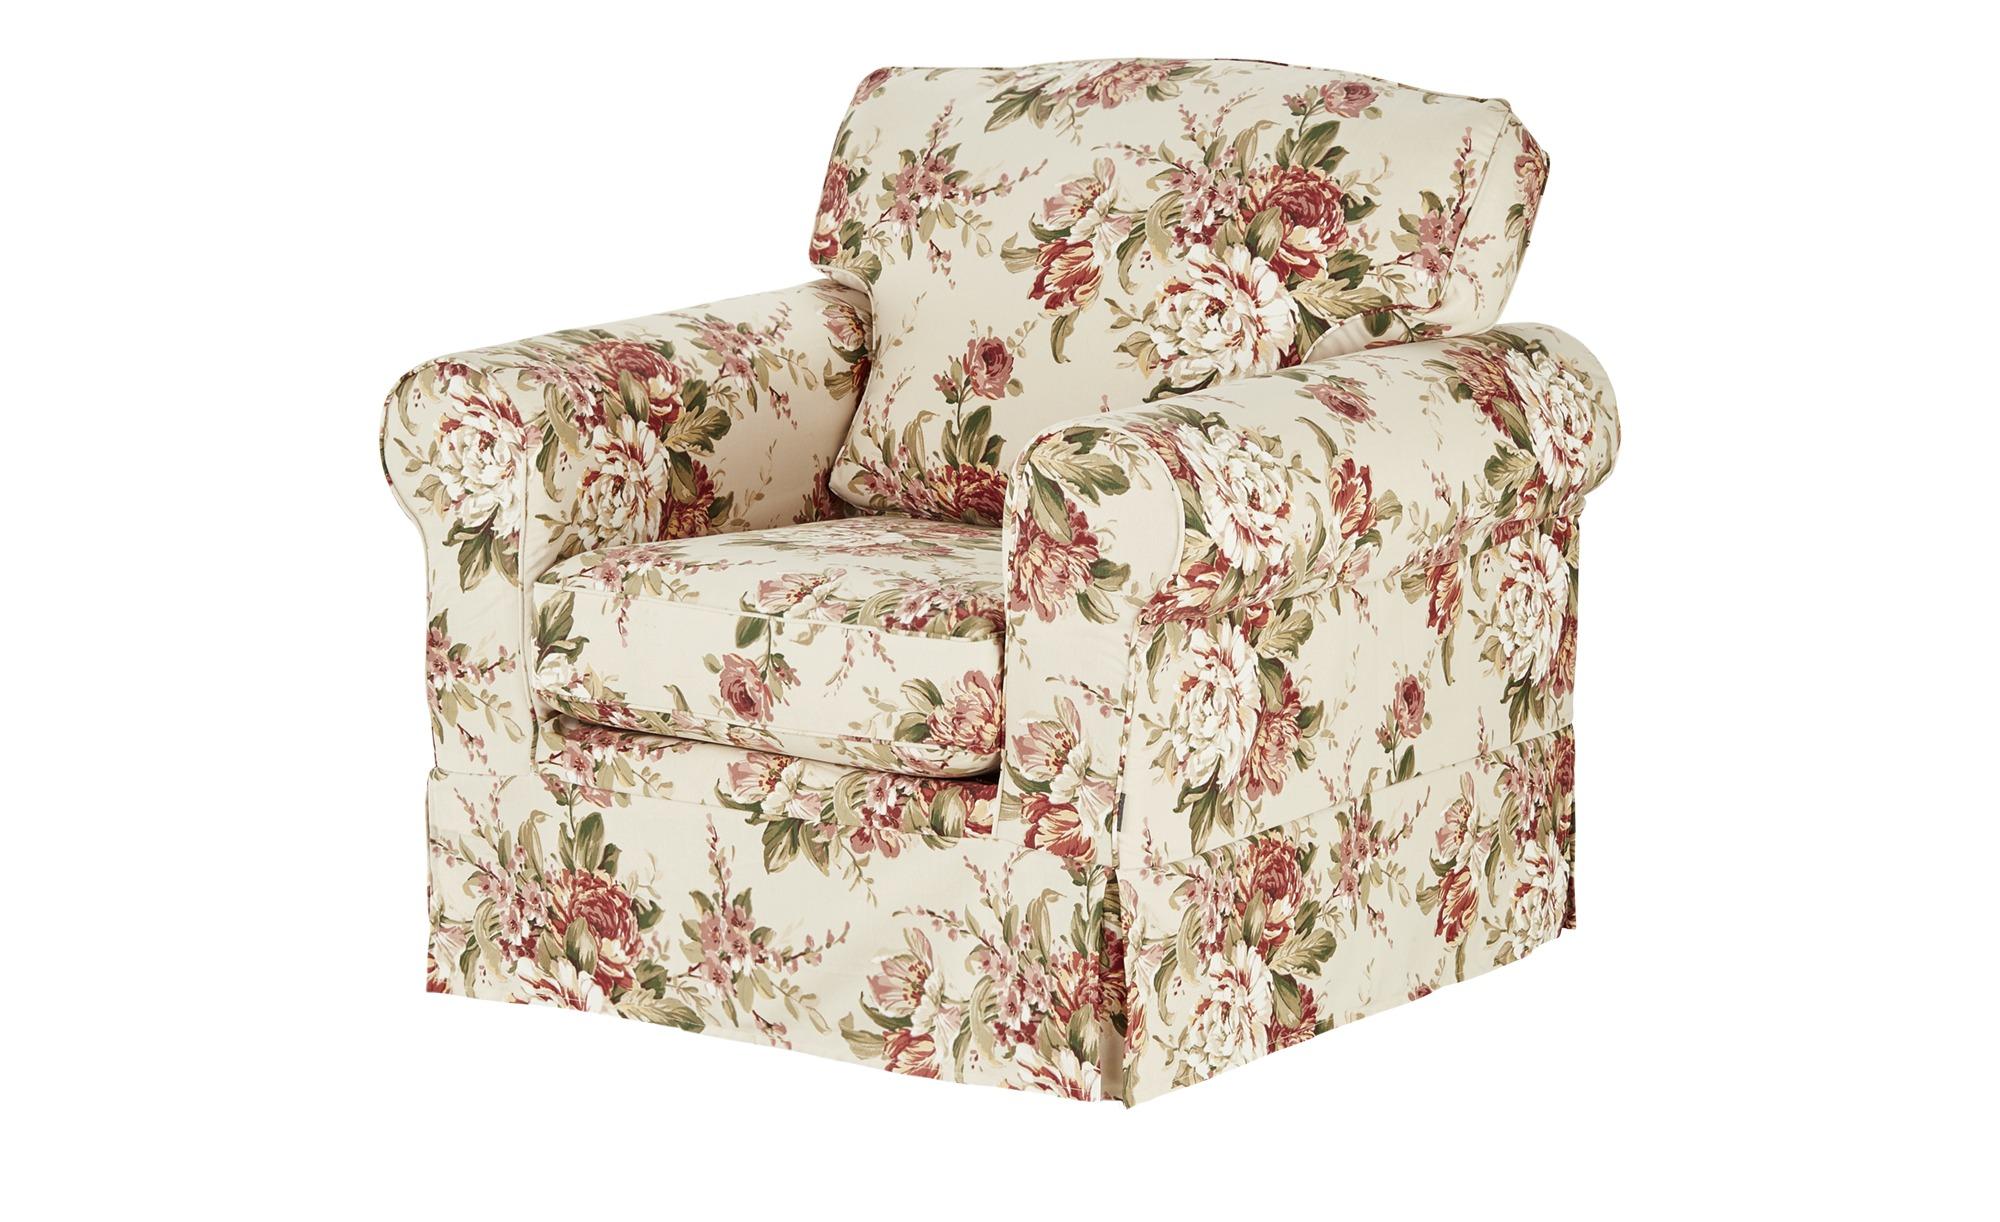 SOHO Sessel mit Husse bunt - Stoff Chaneel ¦ mehrfarbig ¦ Maße (cm): B: 99 H: 94 T: 92 Polstermöbel > Sessel > Polstersessel - Höffner